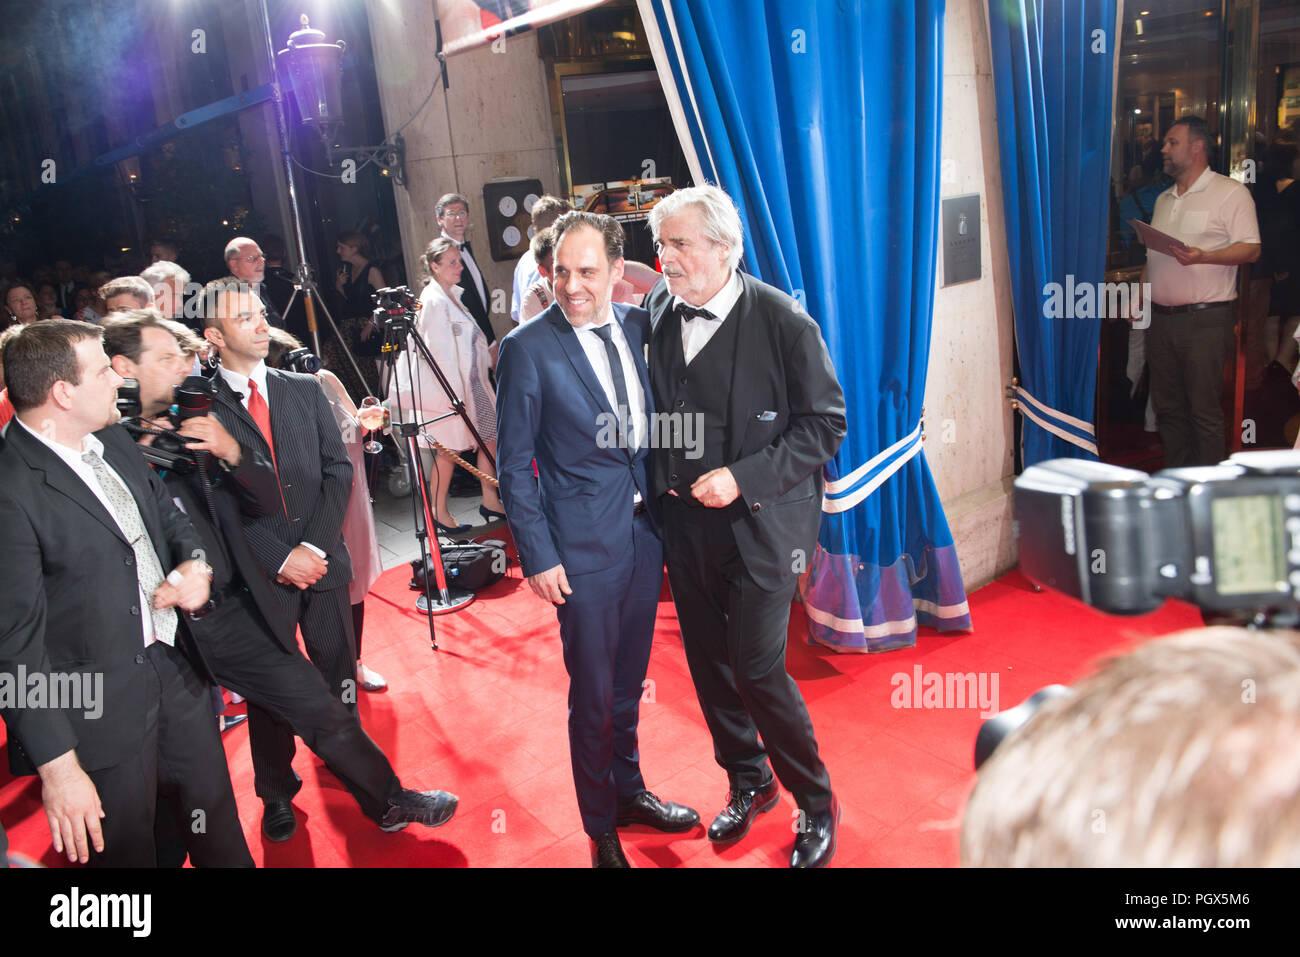 Peter Simonischek seen at the opening ceremony in front of Hotel Bayerischer Hof, Filmfest München 2016 Stock Photo